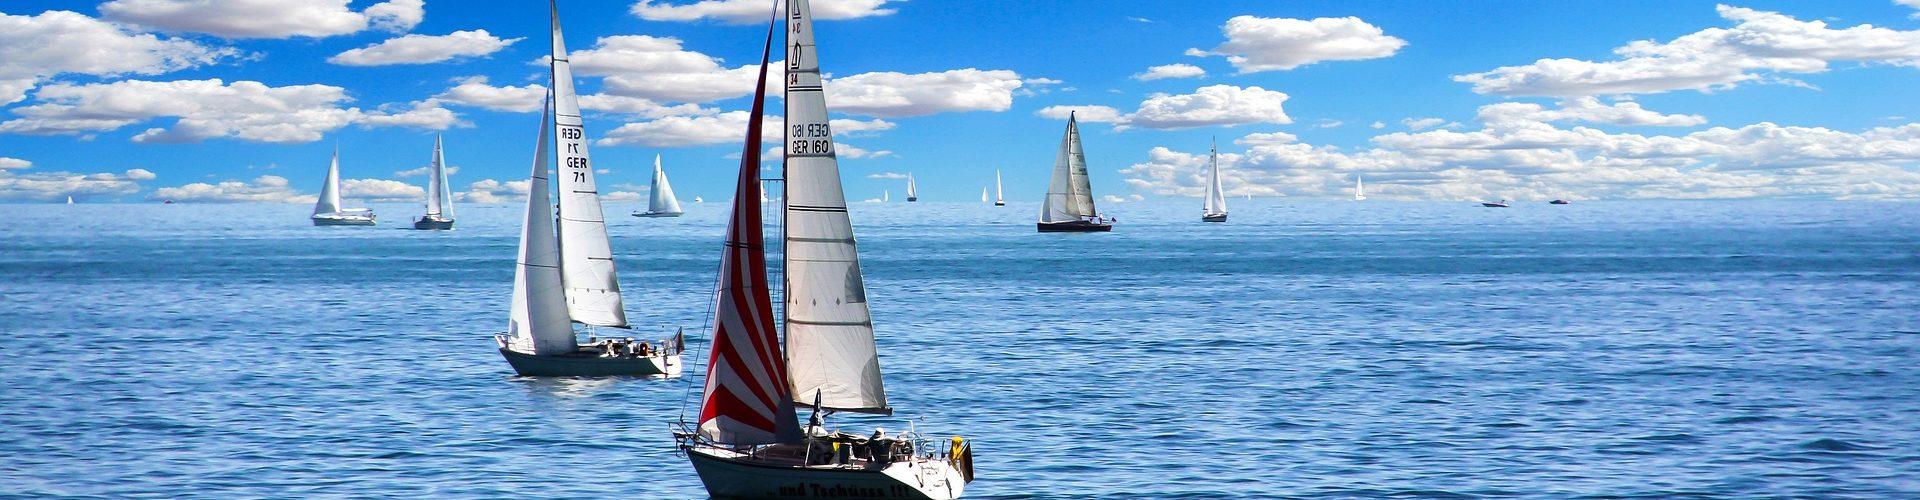 segeln lernen in Weinbergen segelschein machen in Weinbergen 1920x500 - Segeln lernen in Weinbergen